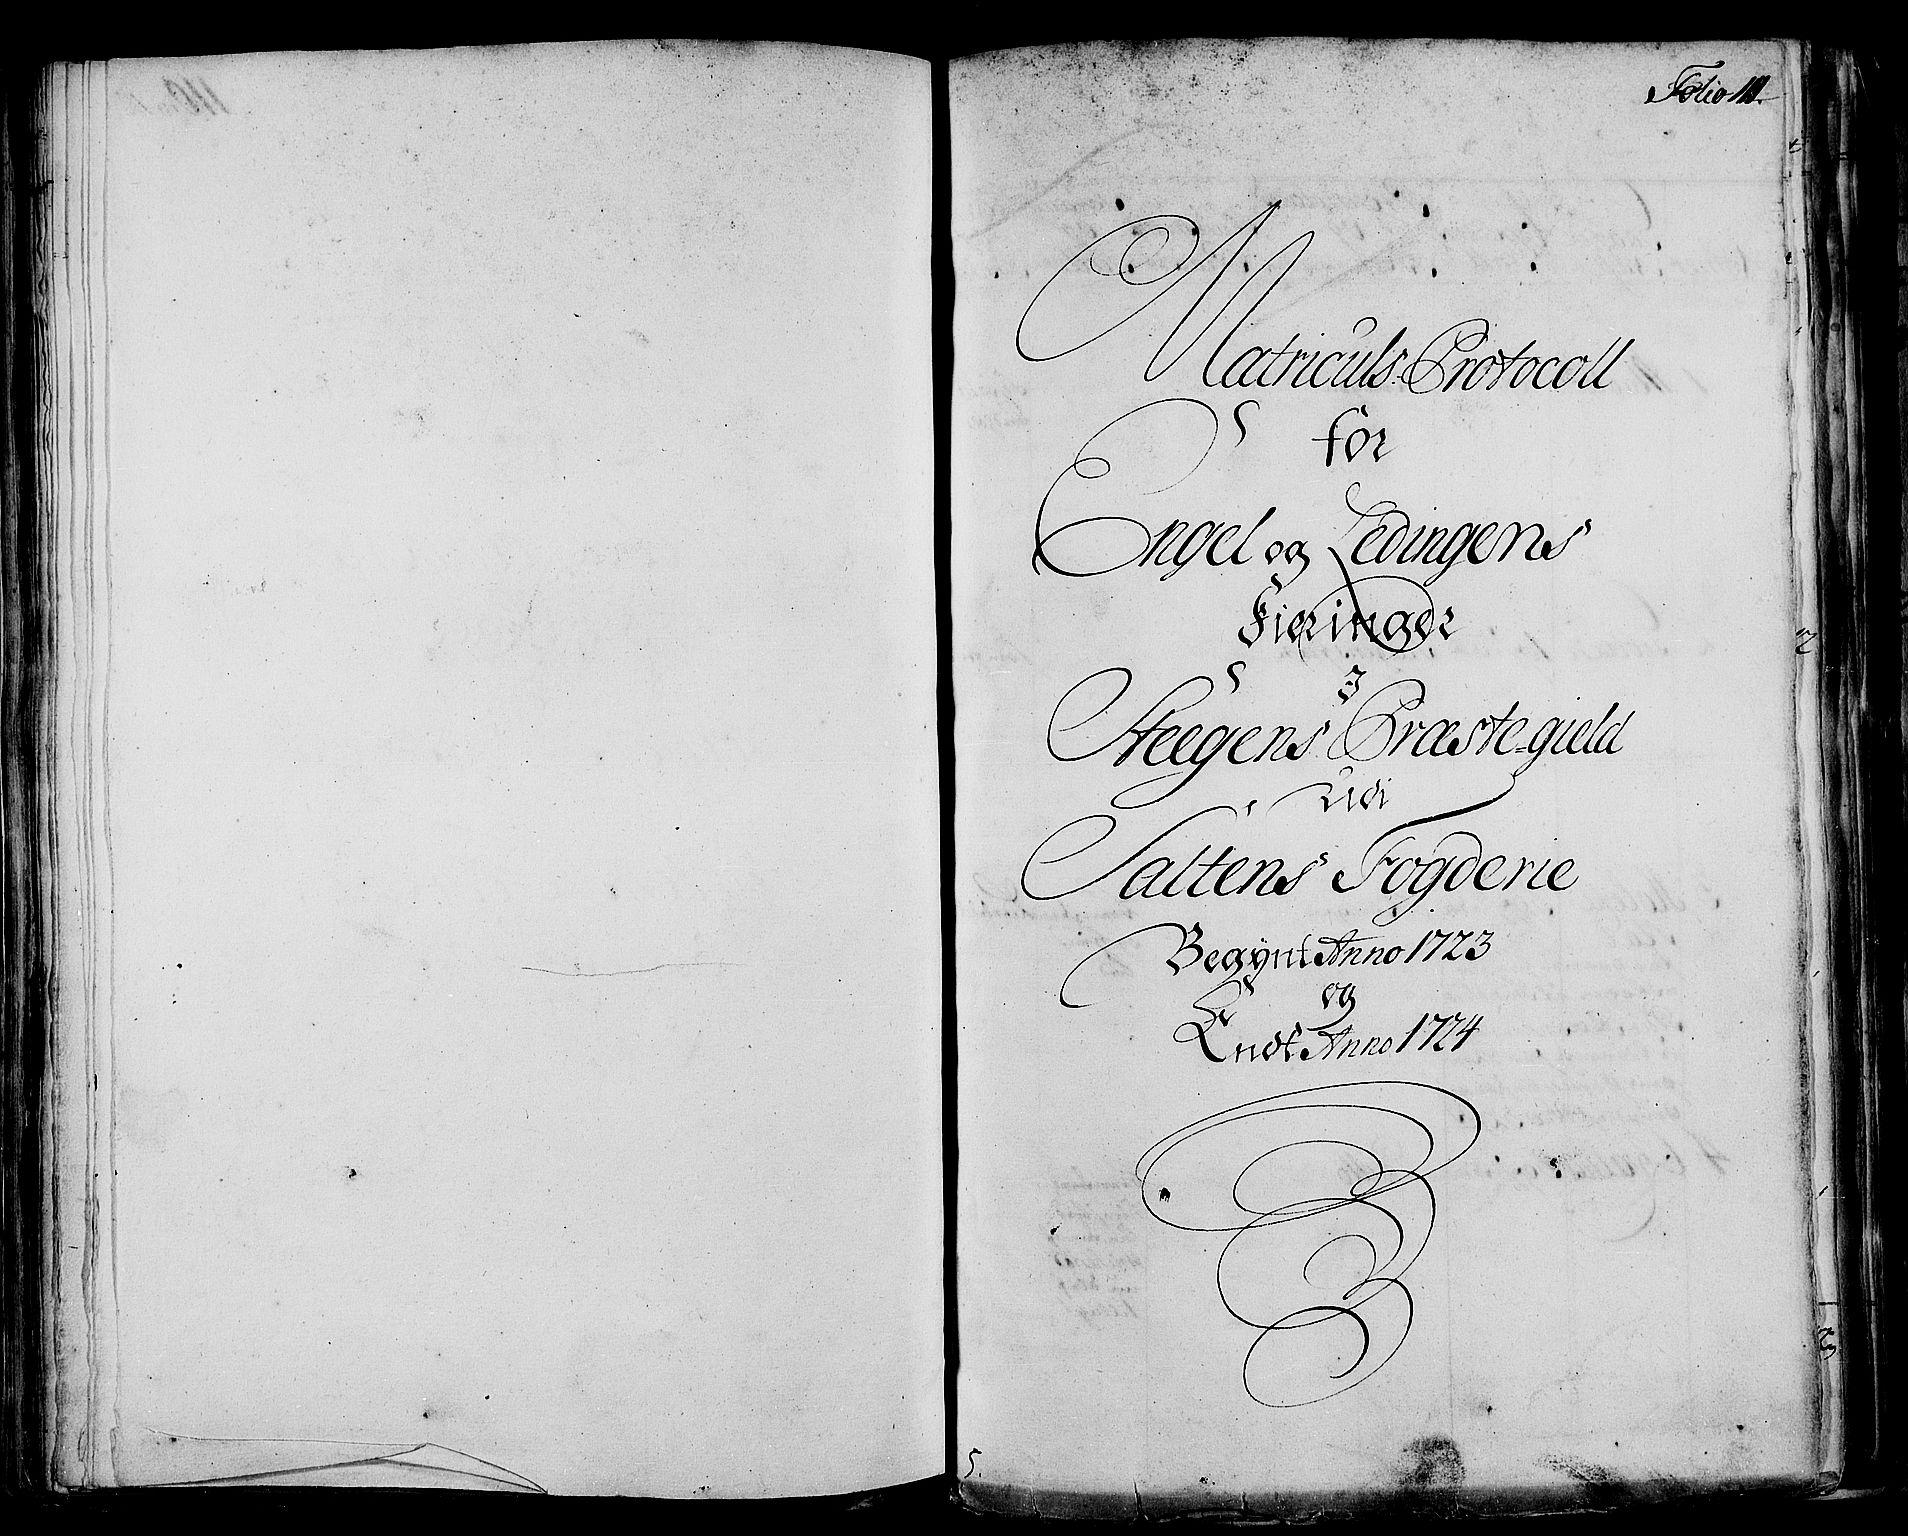 RA, Rentekammeret inntil 1814, Realistisk ordnet avdeling, N/Nb/Nbf/L0172: Salten eksaminasjonsprotokoll, 1723, s. 110b-111a